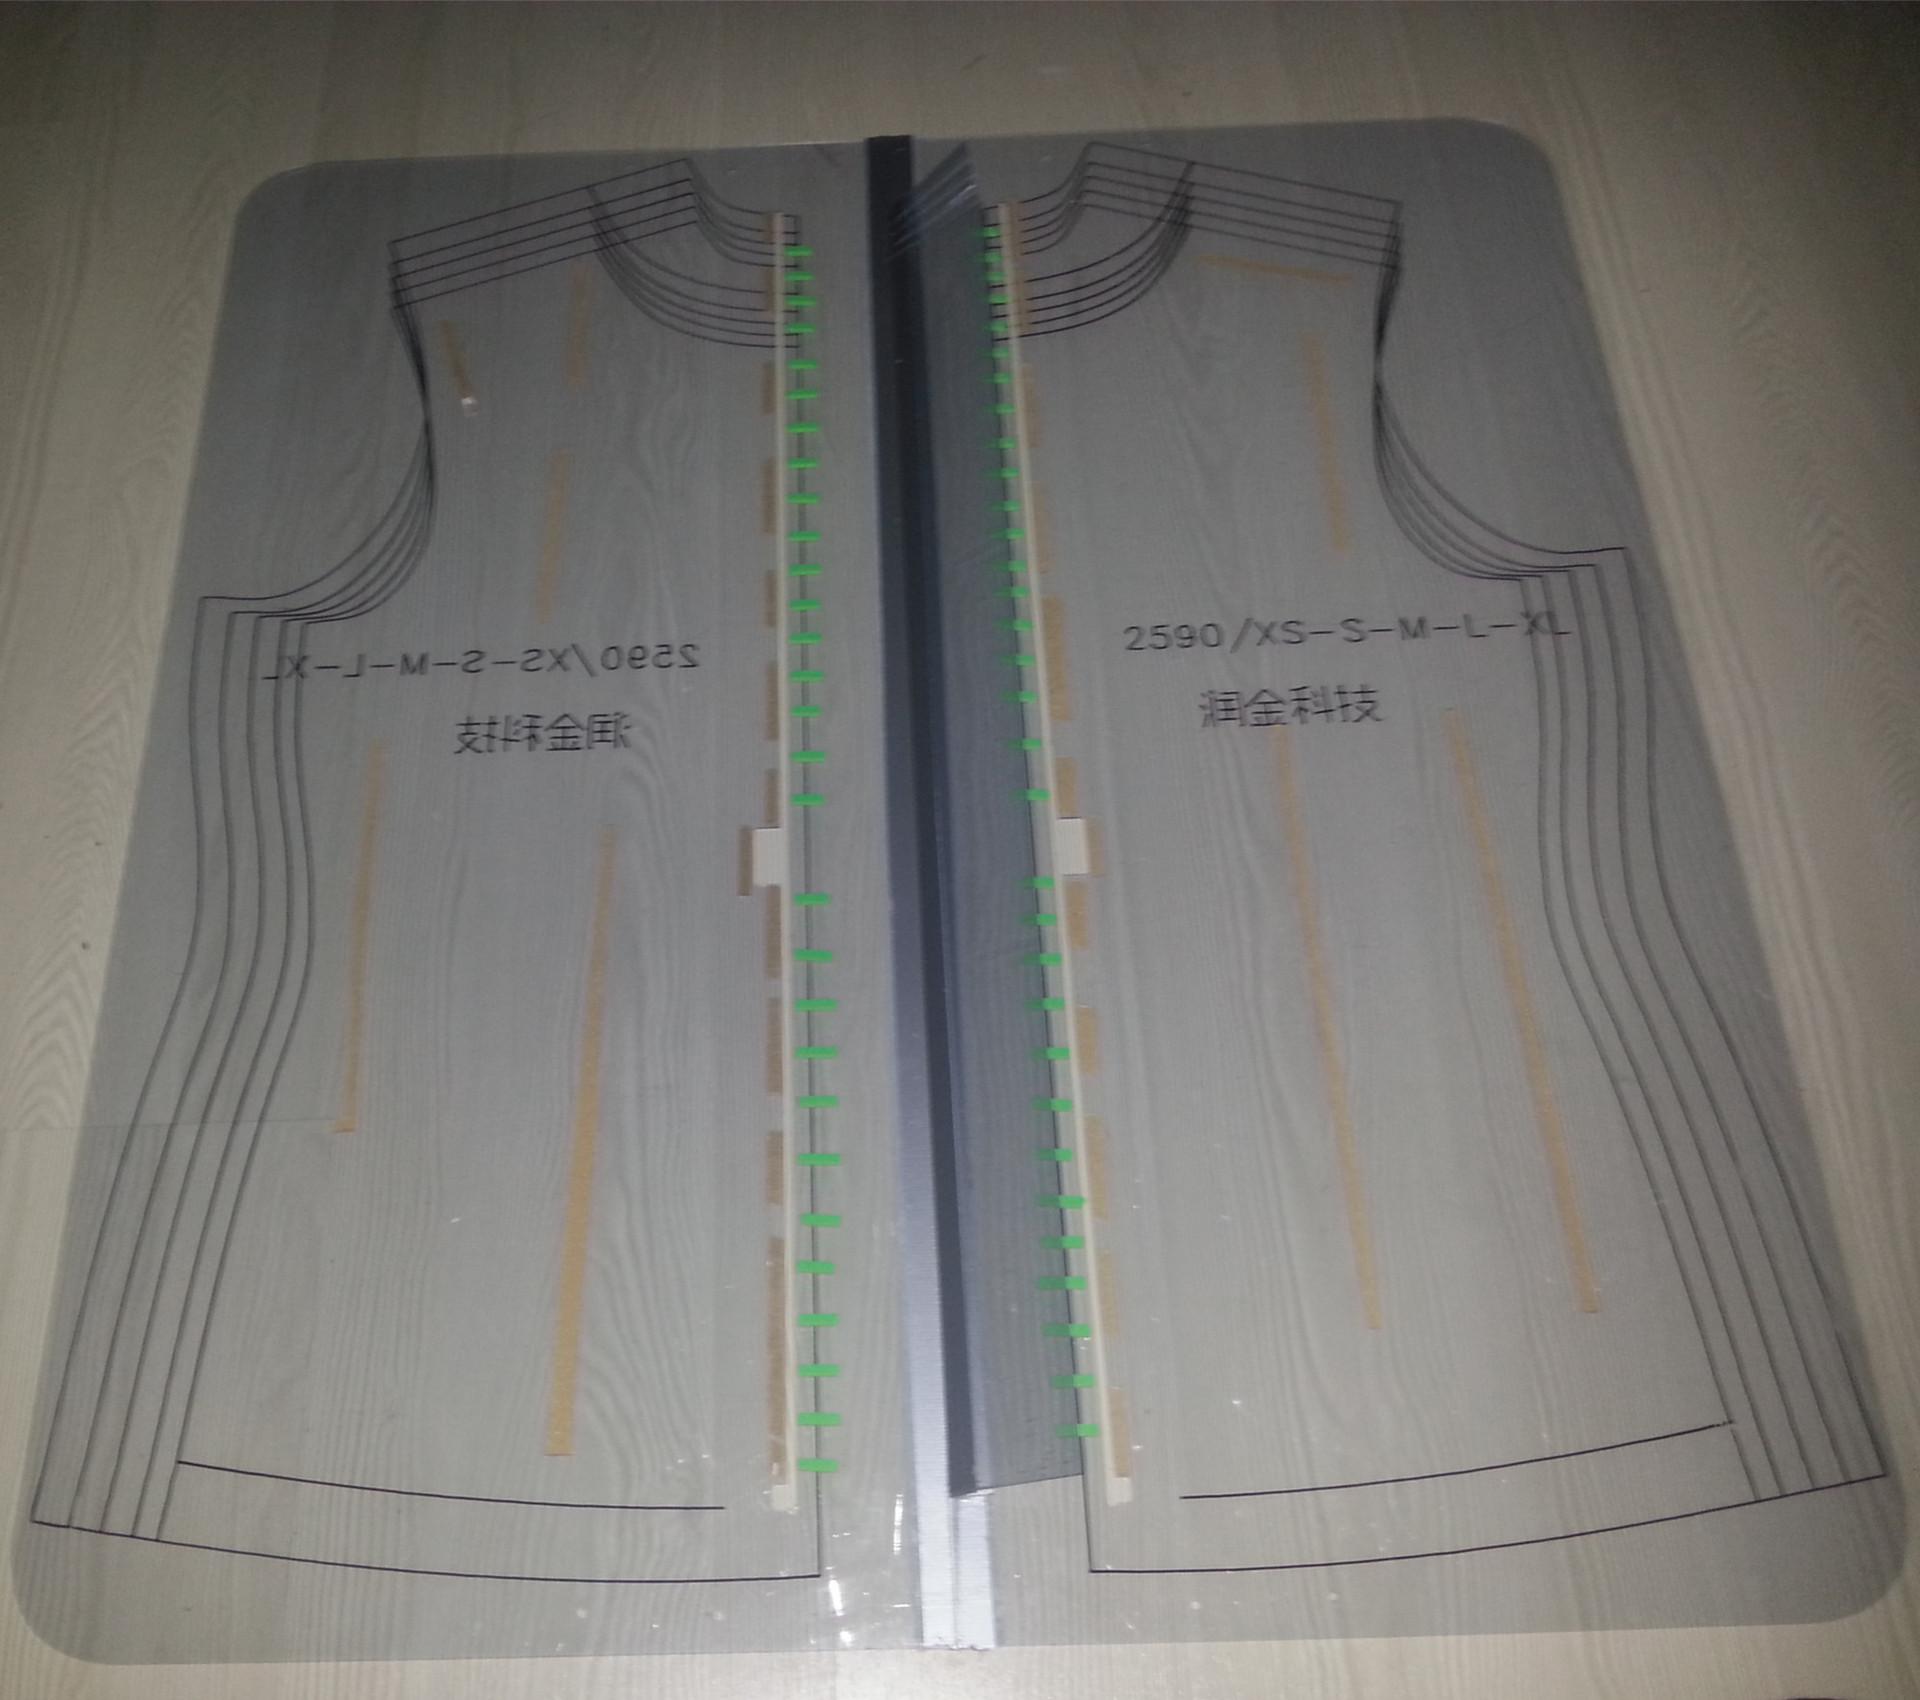 服装模板,拉链模板,缝制模板,服装模具,开筒模板